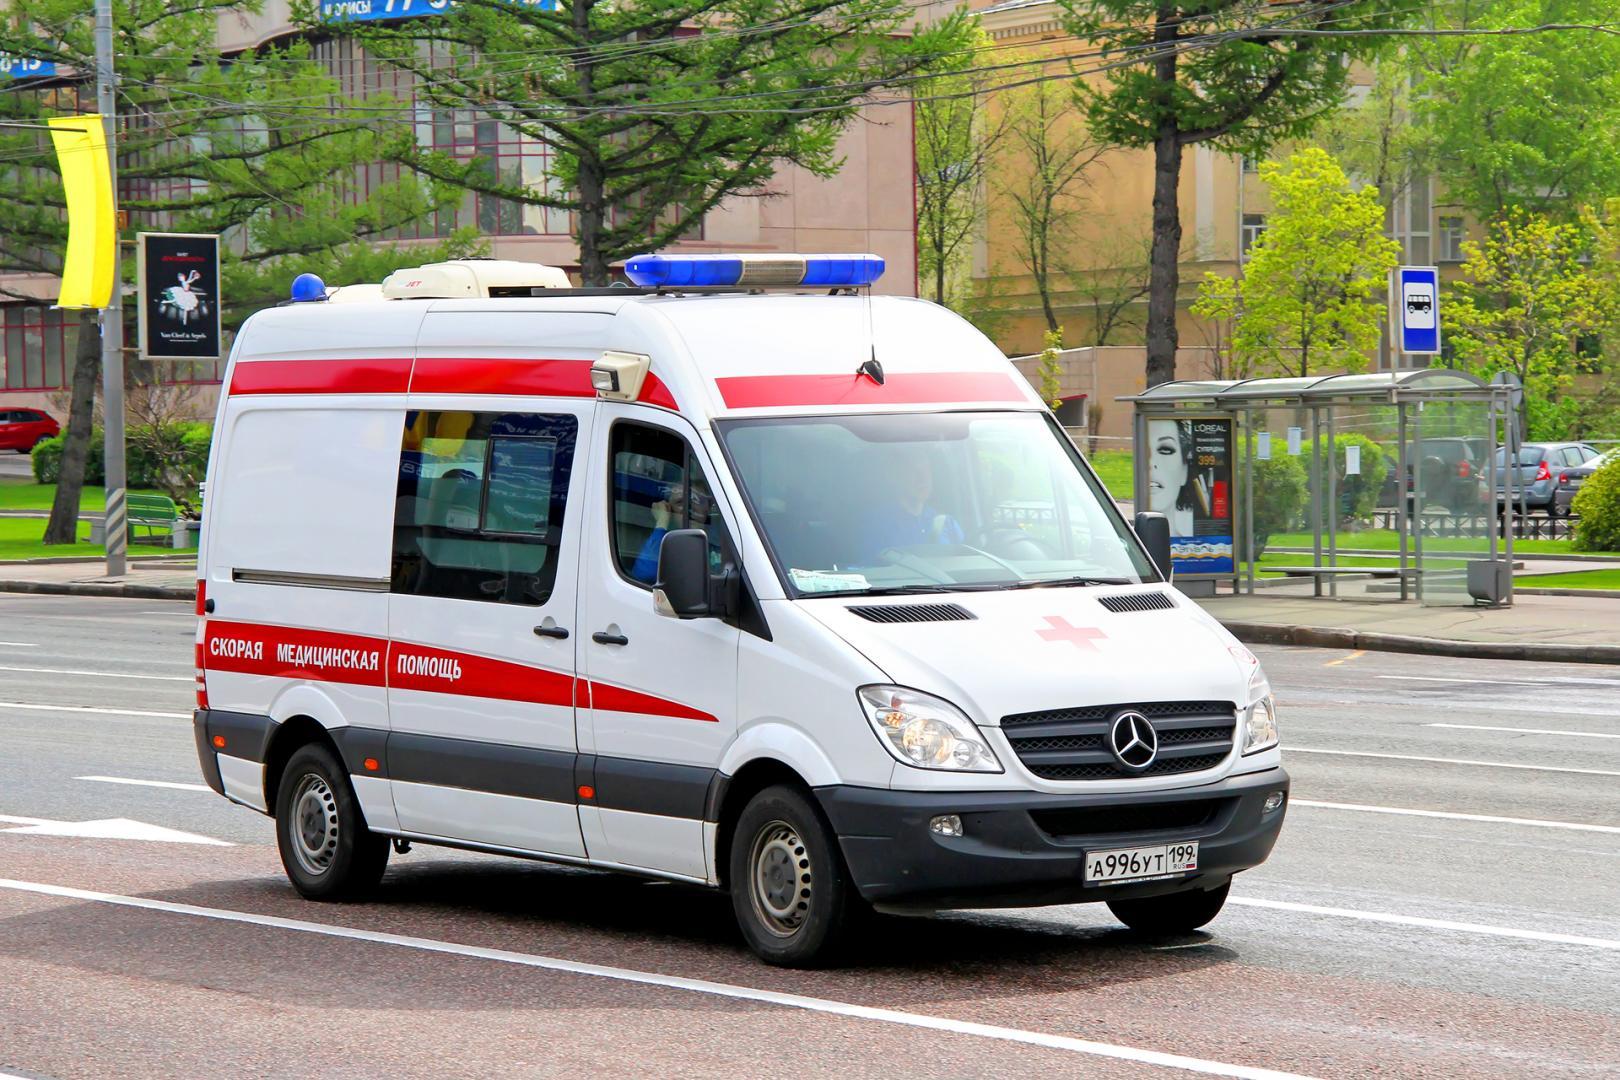 В Сургуте пьяный мужчина ударил в лицо врача скорой помощи